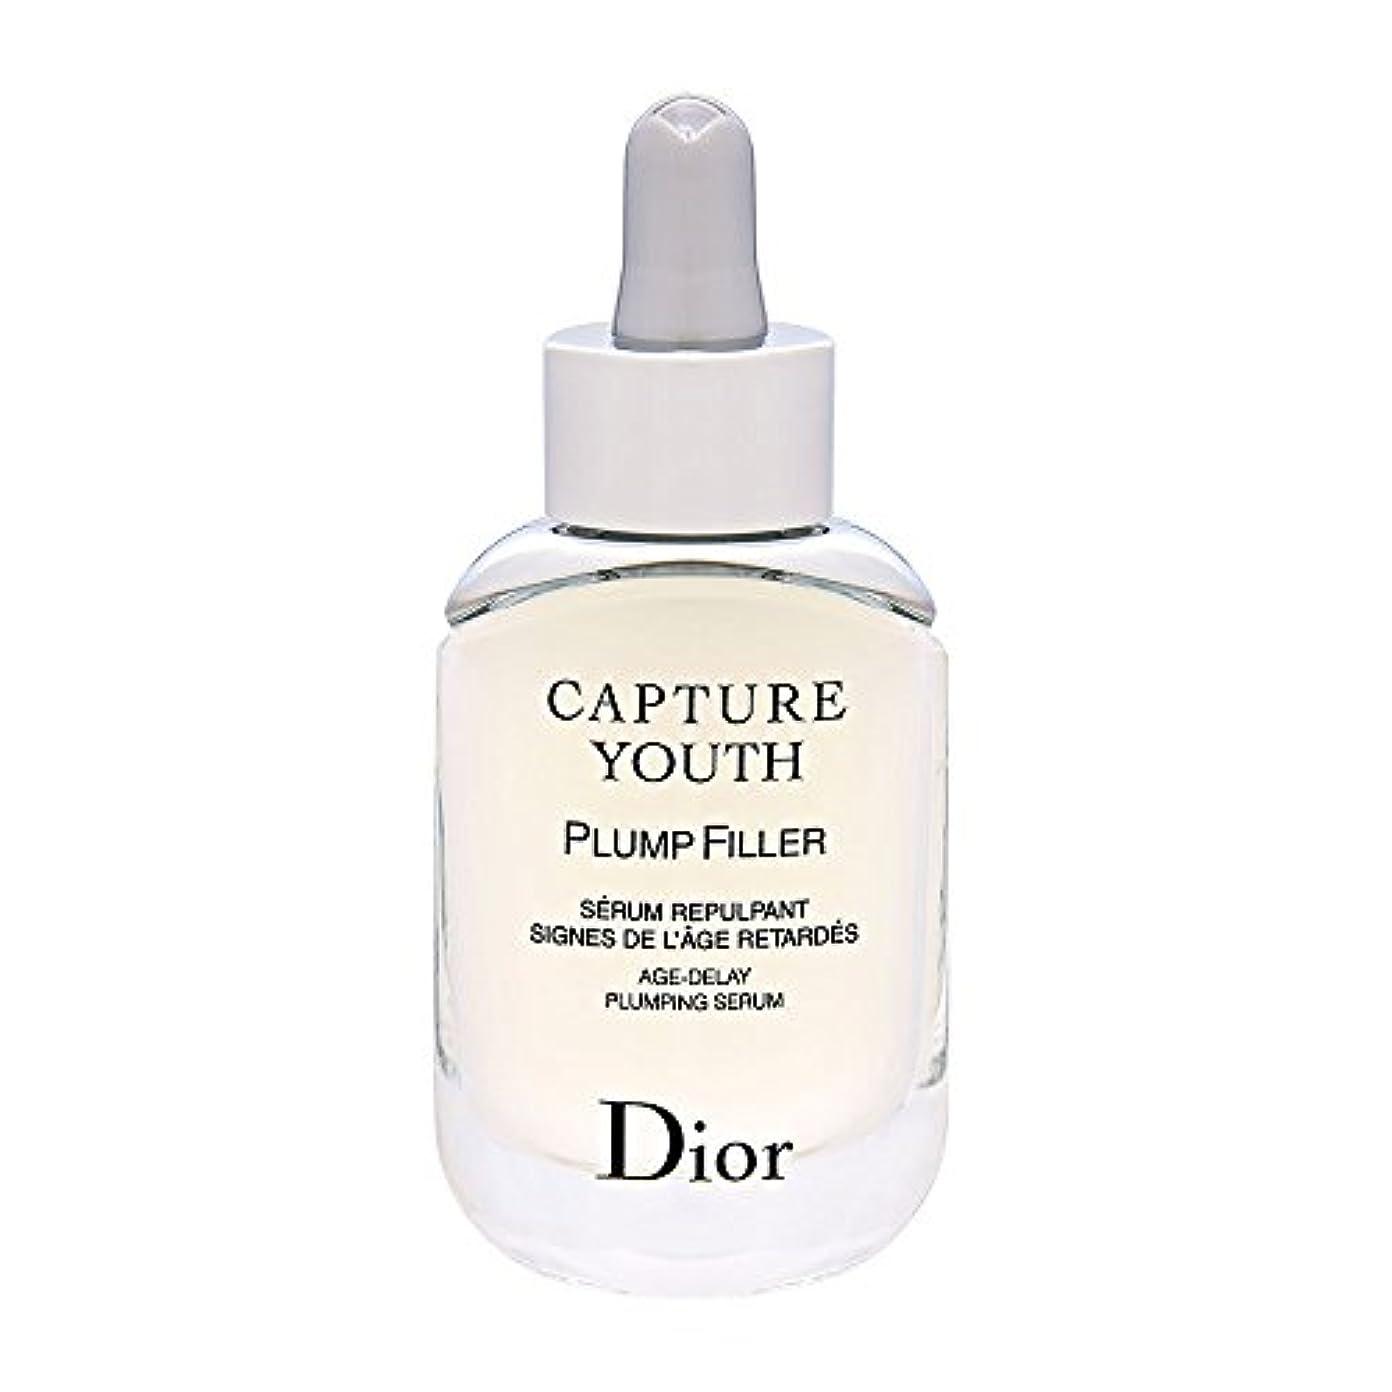 クリスチャンディオール Christian Dior カプチュール ユース プランプフィラー 30mL [並行輸入品]